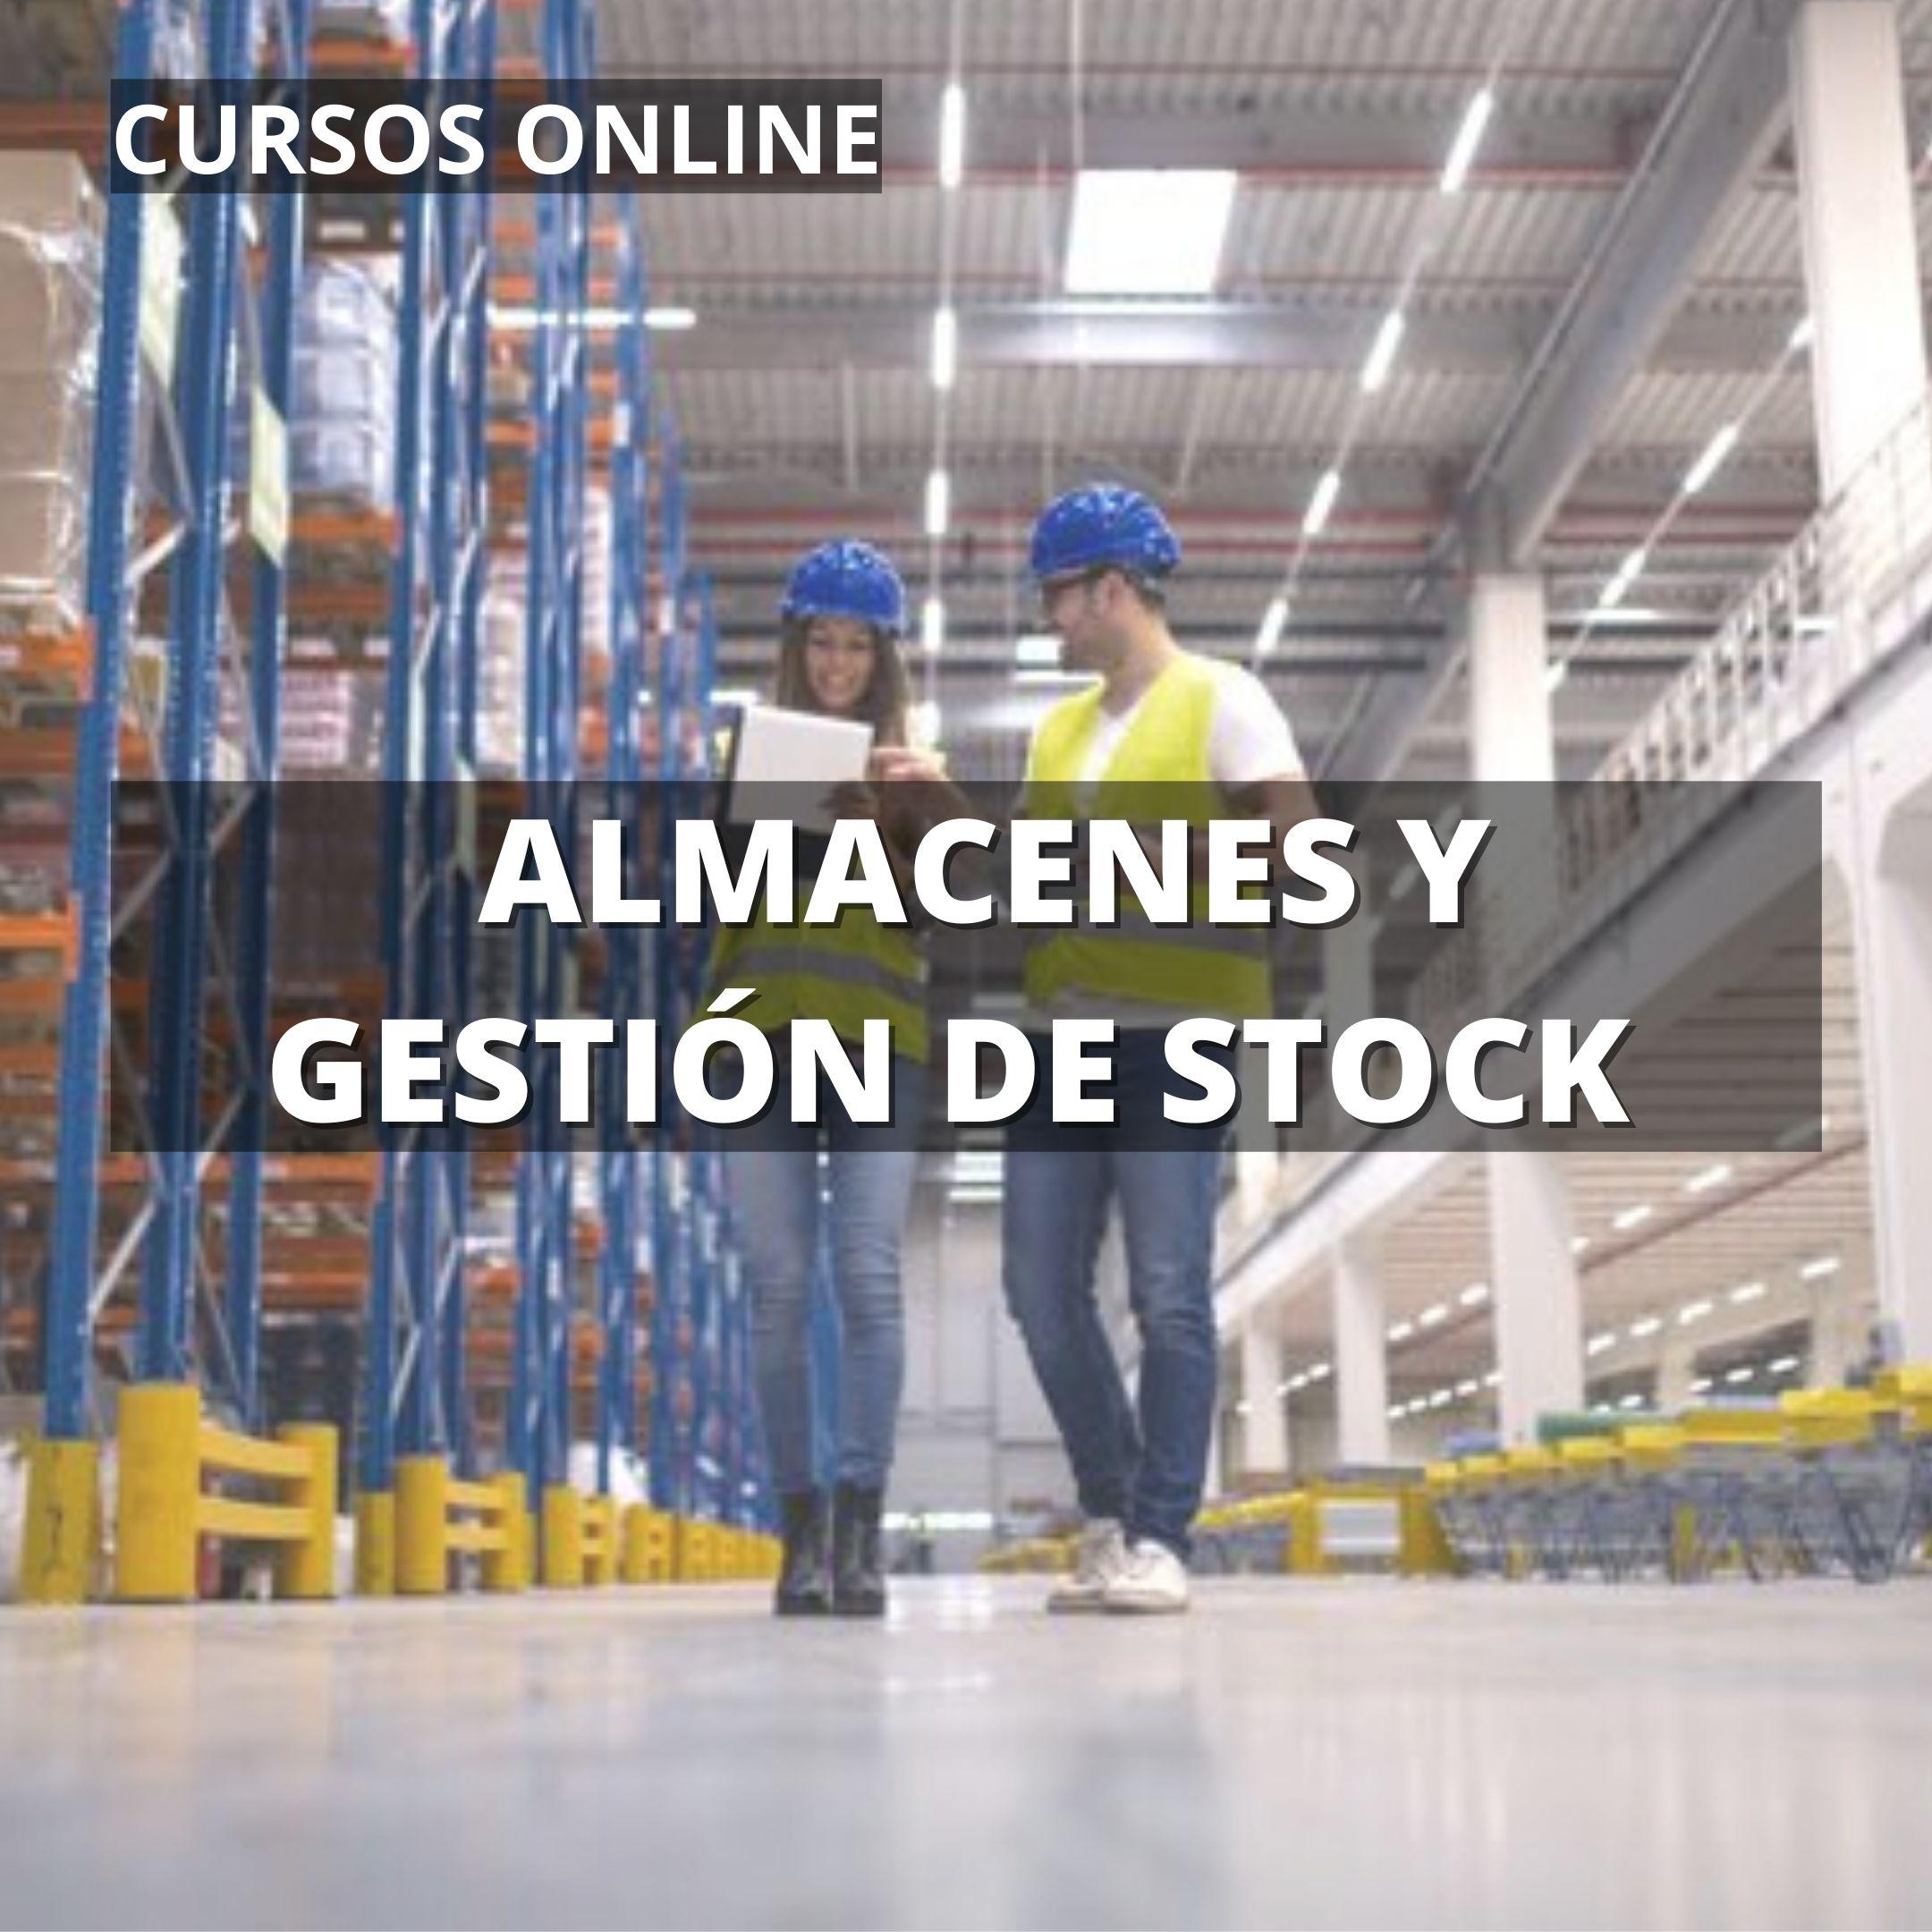 cursos online almacenes y gestión de stock